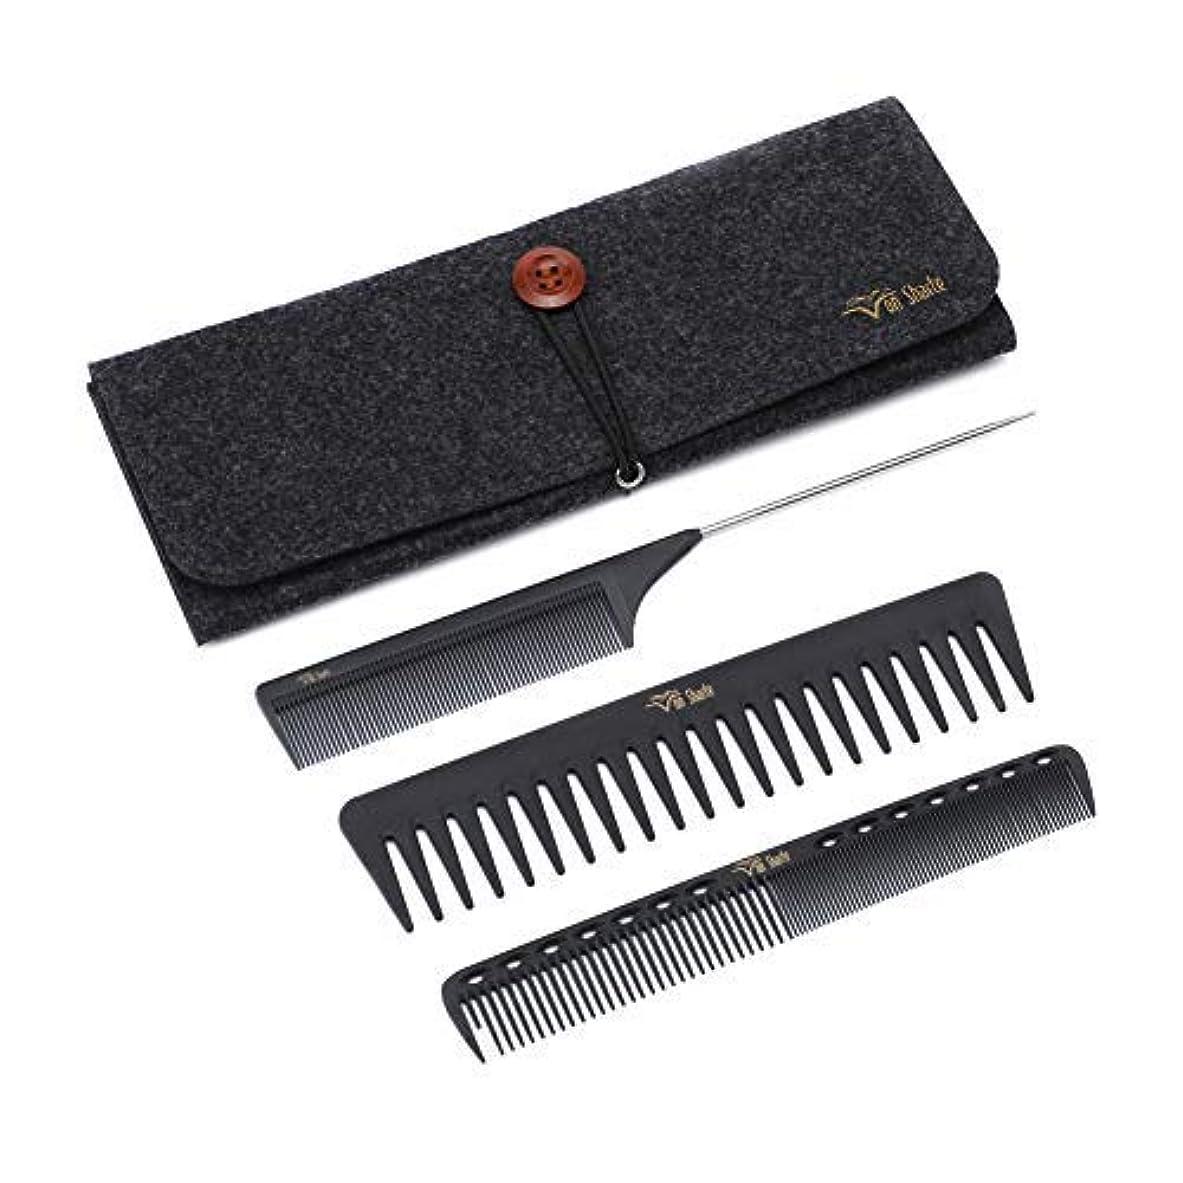 説明シェアいくつかのStyling Comb Set,Hairdresser Barber Comb Cutting Hair Comb Carbon Fiber Wide Tooth Comb Metal Rat Pin Tail Comb...